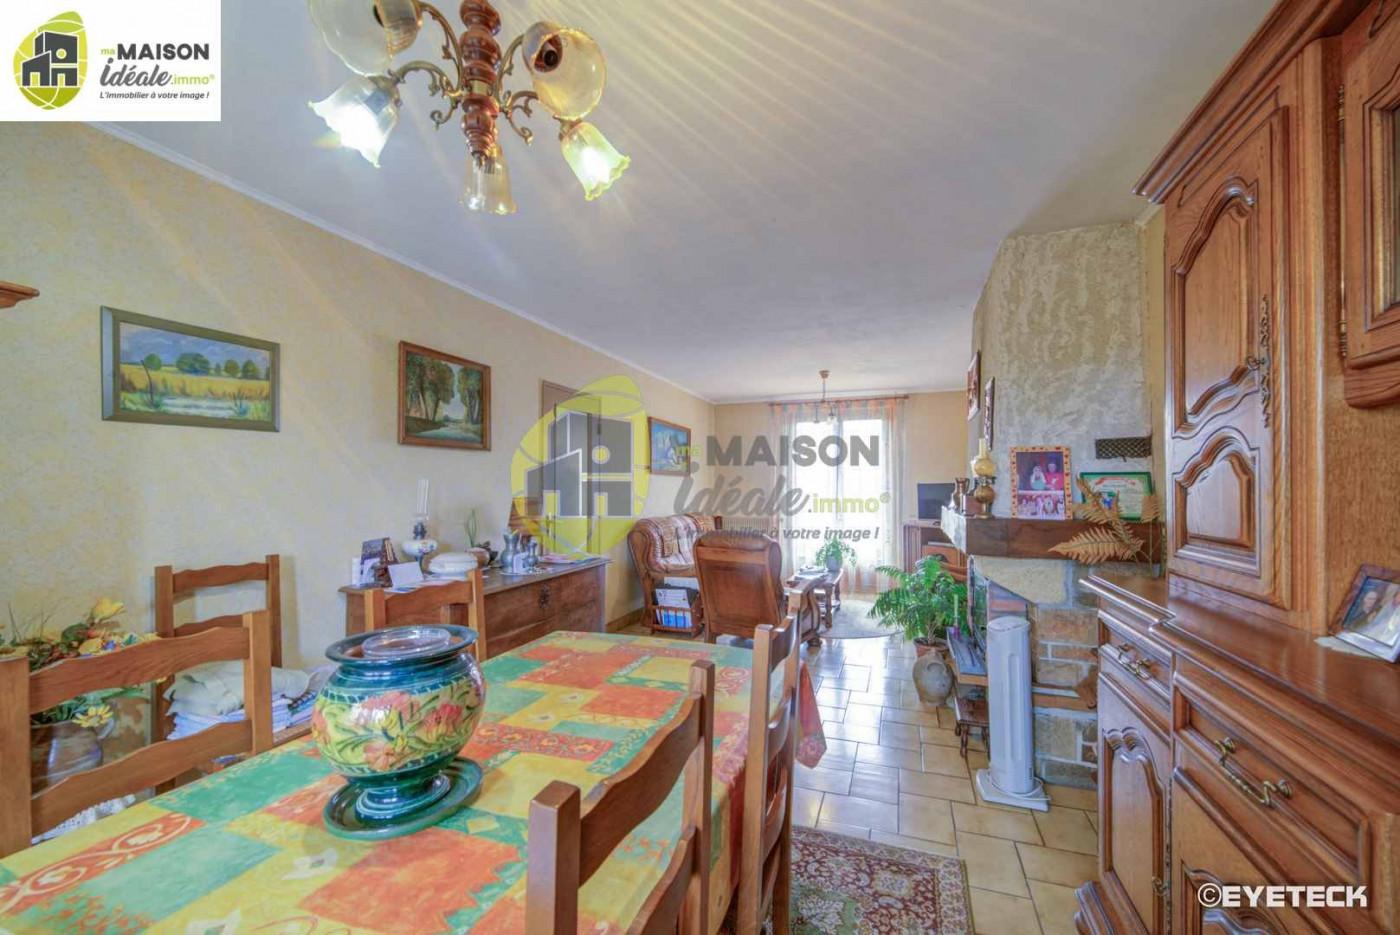 A vendre  Trouy | Réf 36003992 - Ma maison ideale